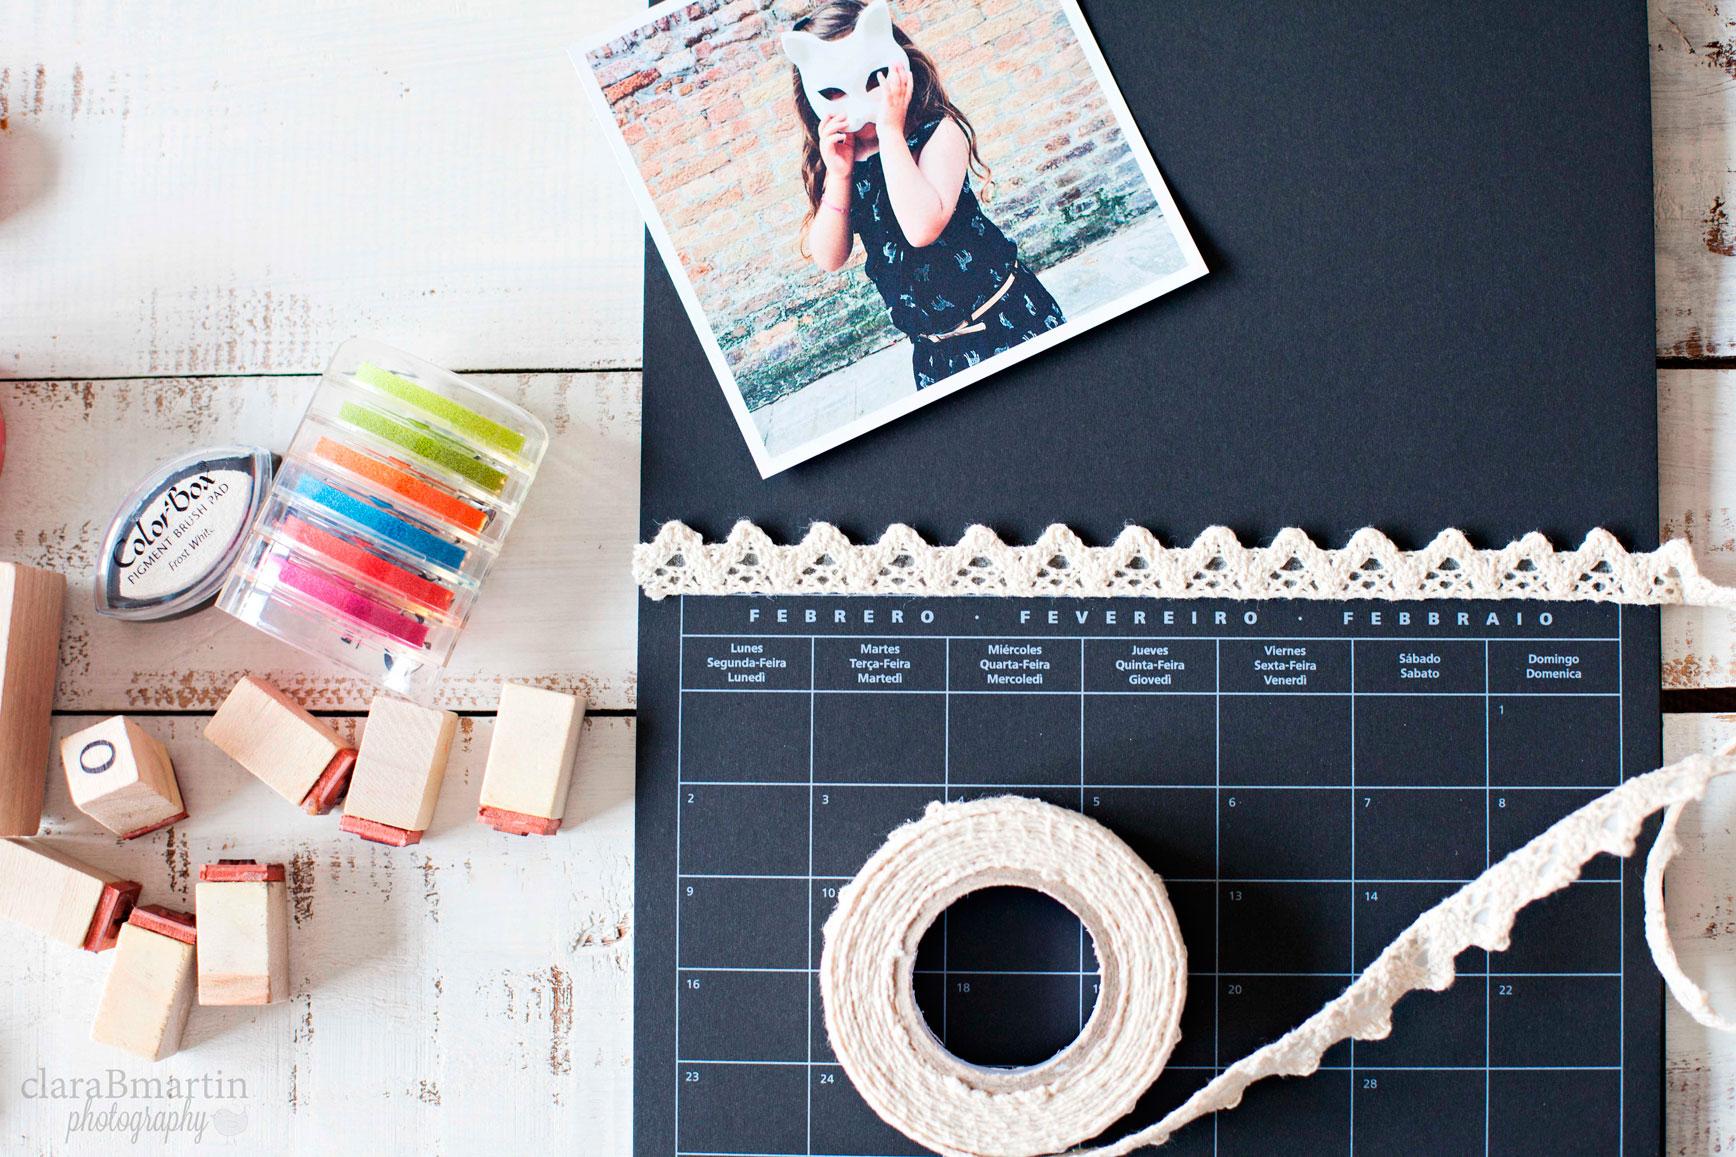 Calendario-DIY_claraBmartin03